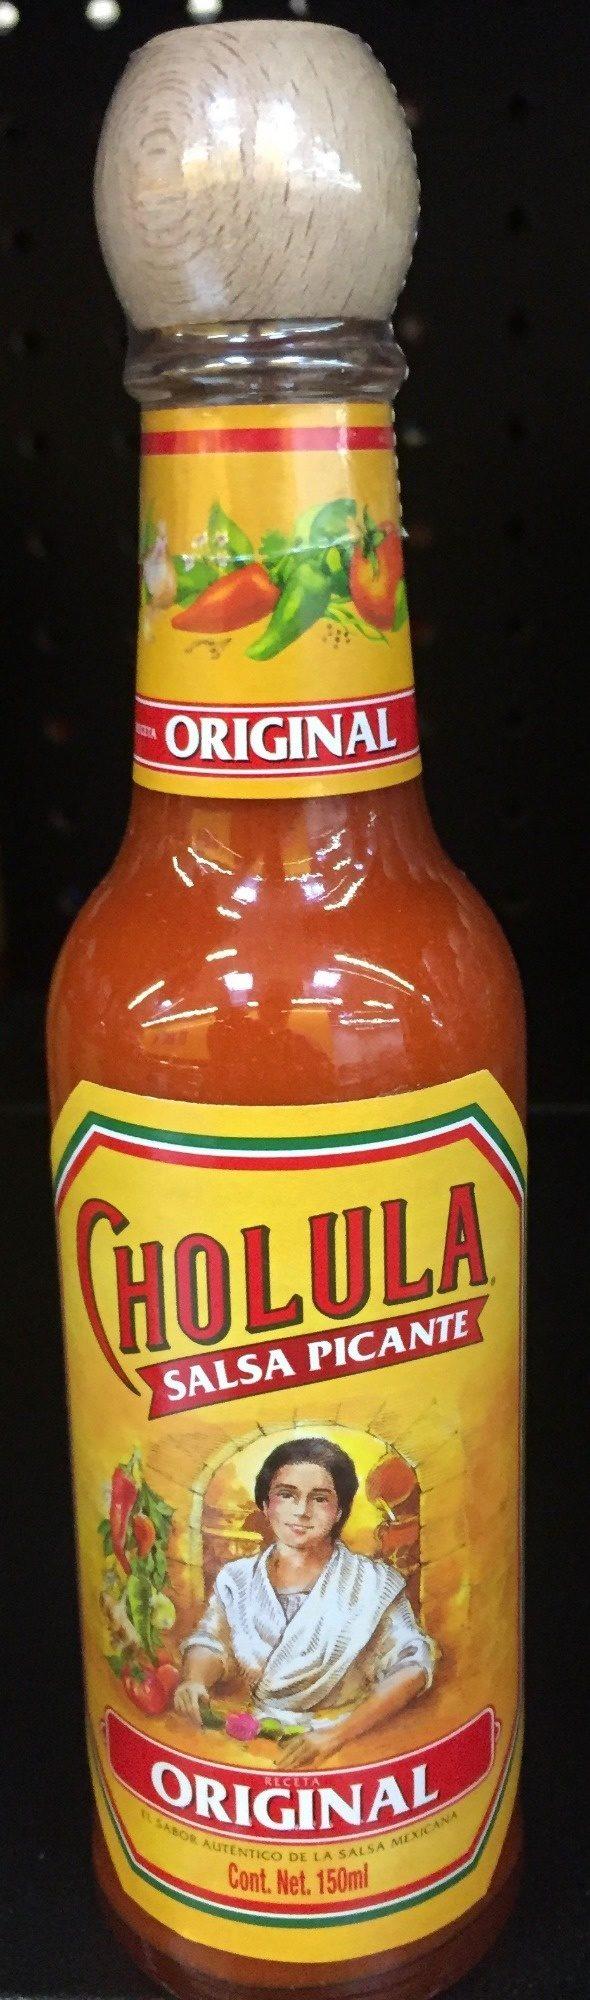 Cholula Hot Sauce original - Product